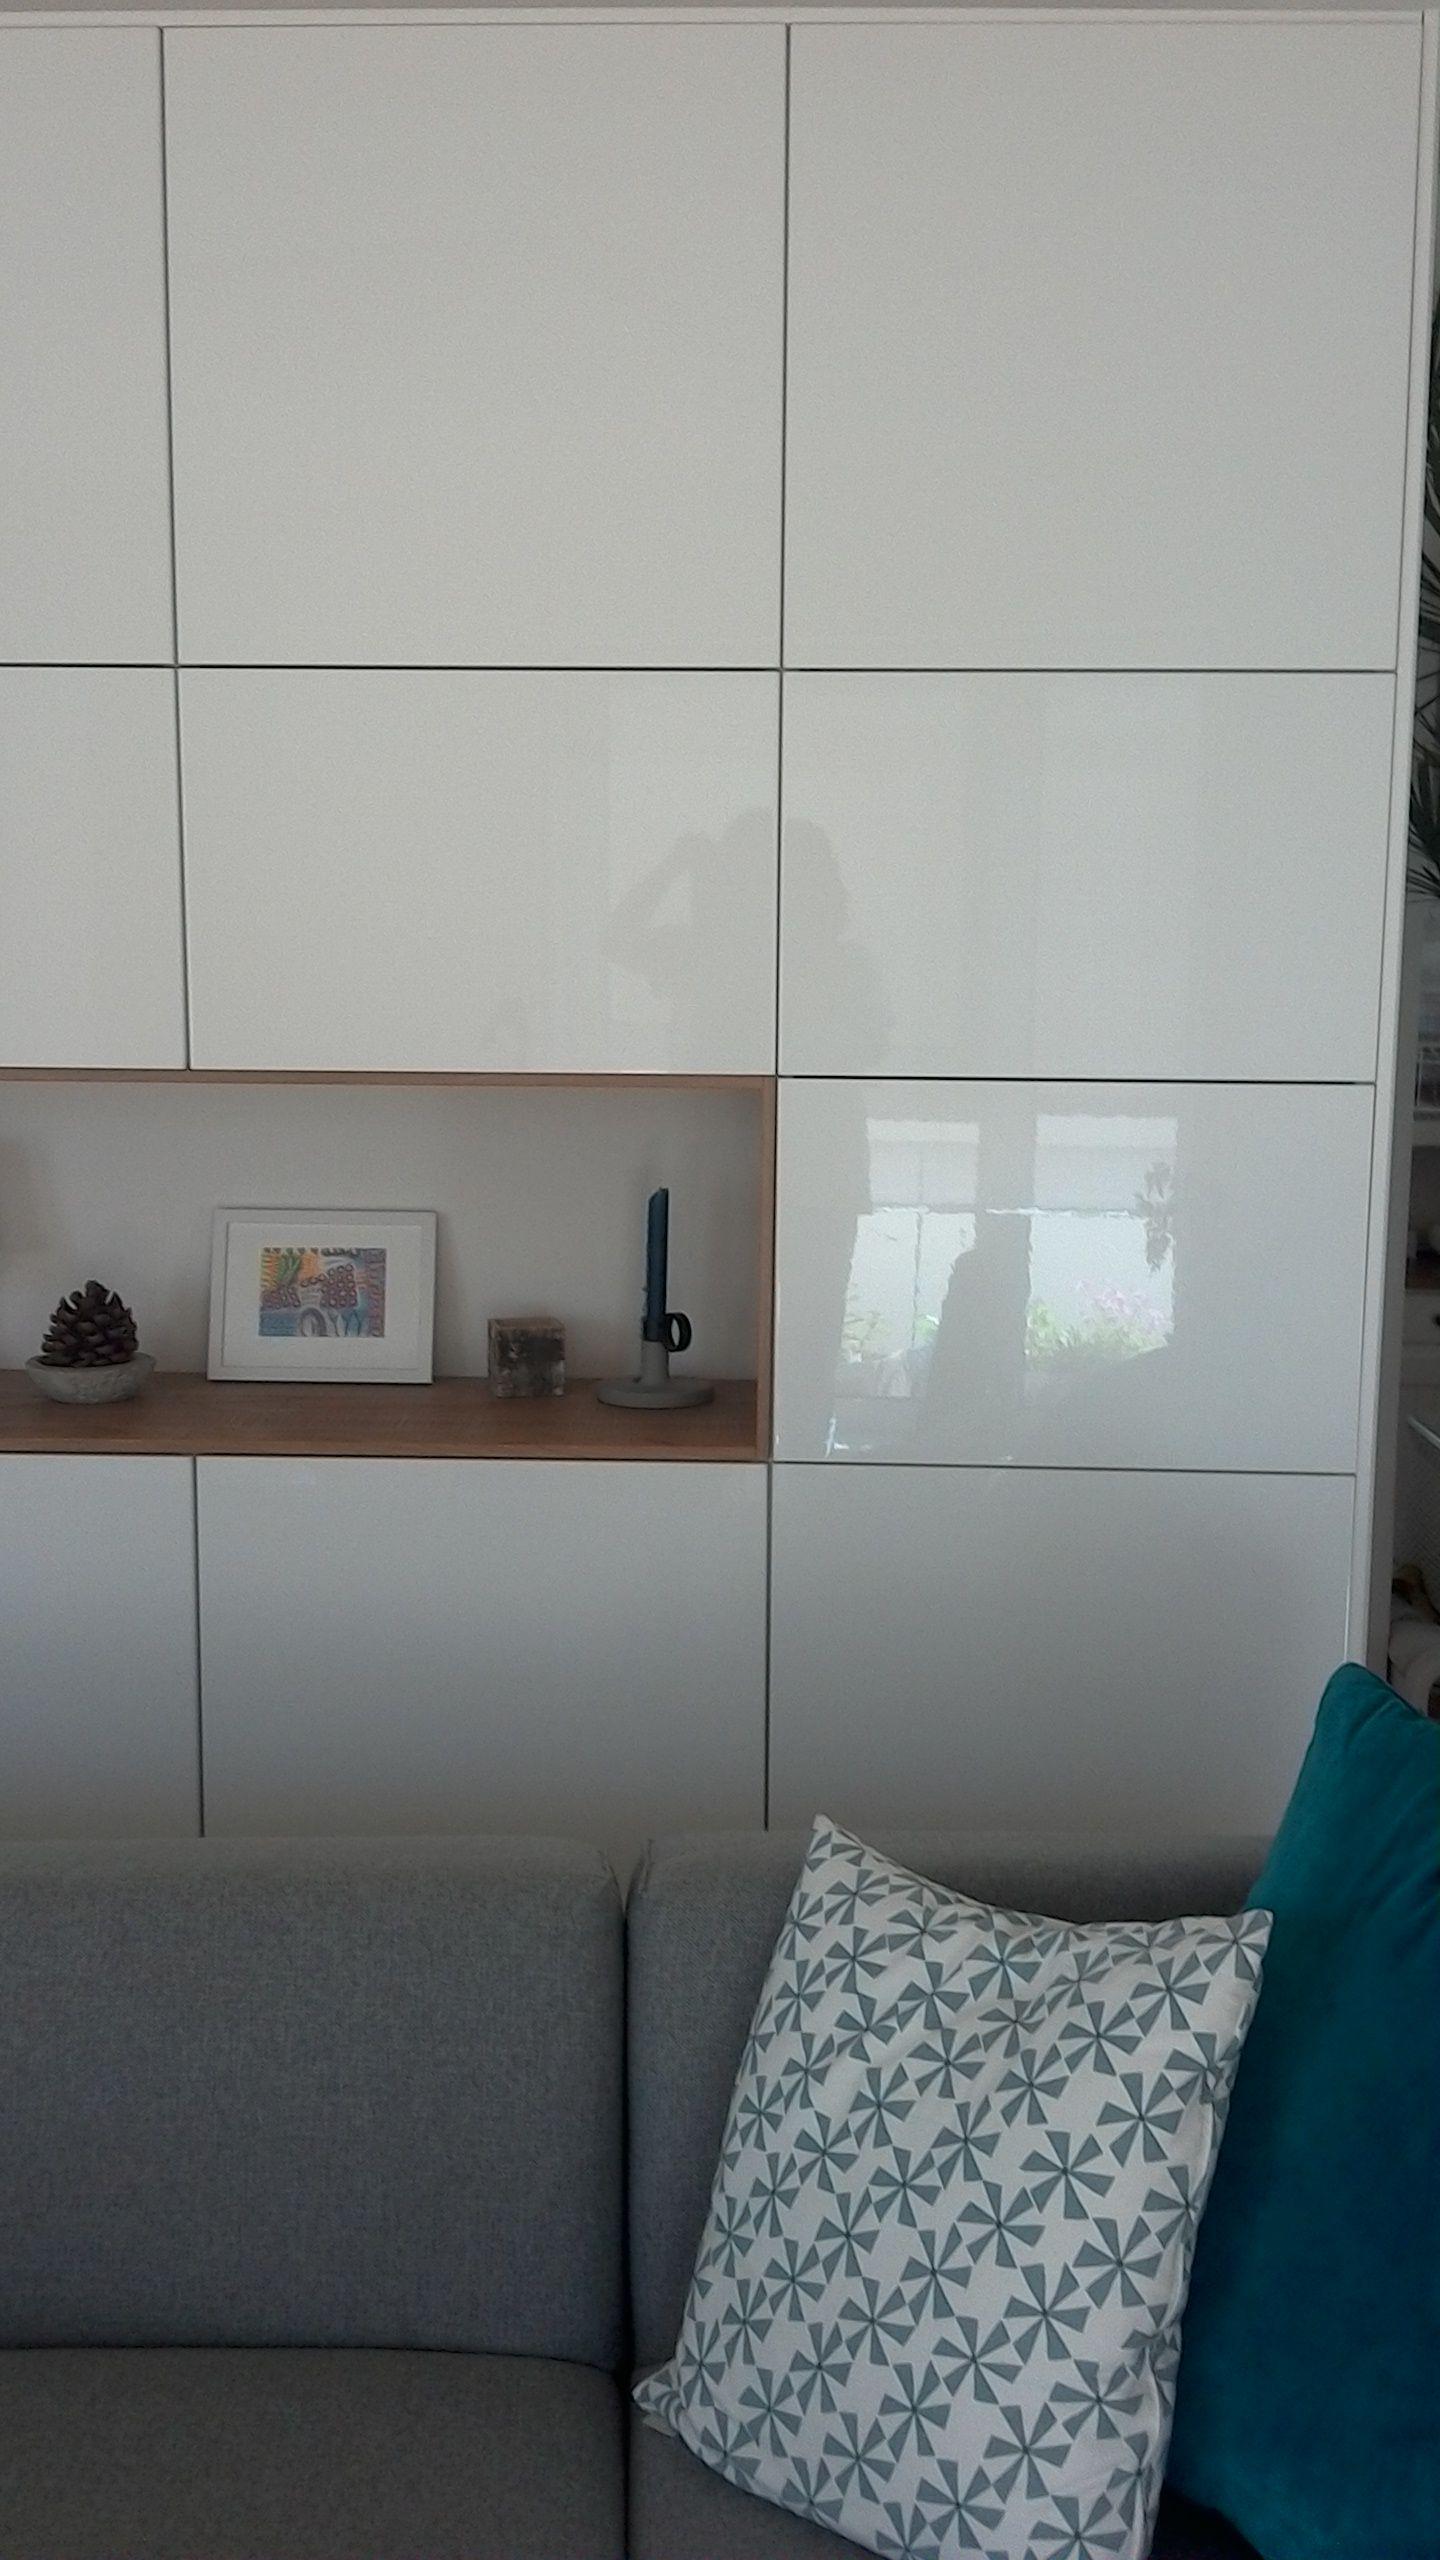 Full Size of Ikea Wohnzimmerschrank Method Ringhult Plus Hyttan Als Modulküche Betten Bei Sofa Mit Schlaffunktion Küche Kosten Kaufen 160x200 Miniküche Wohnzimmer Ikea Wohnzimmerschrank